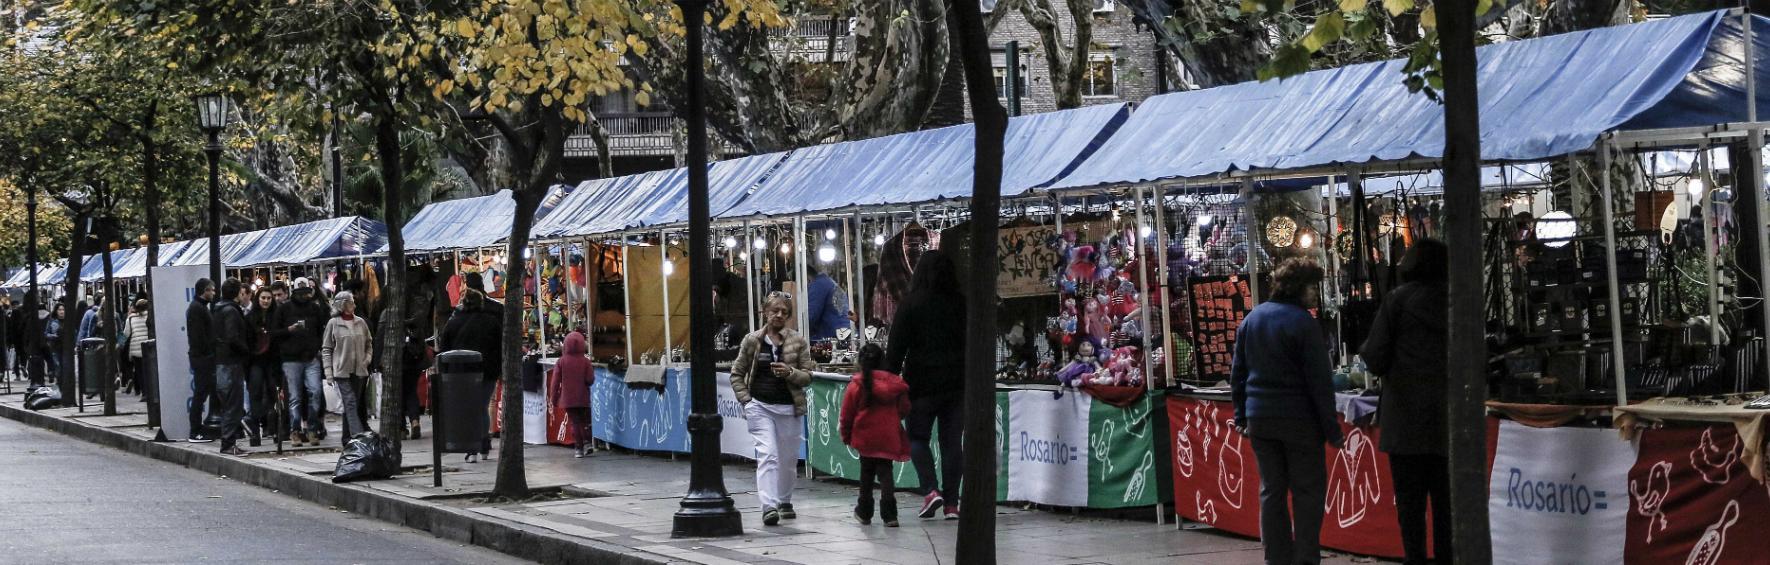 Ferias de Plaza Pringles